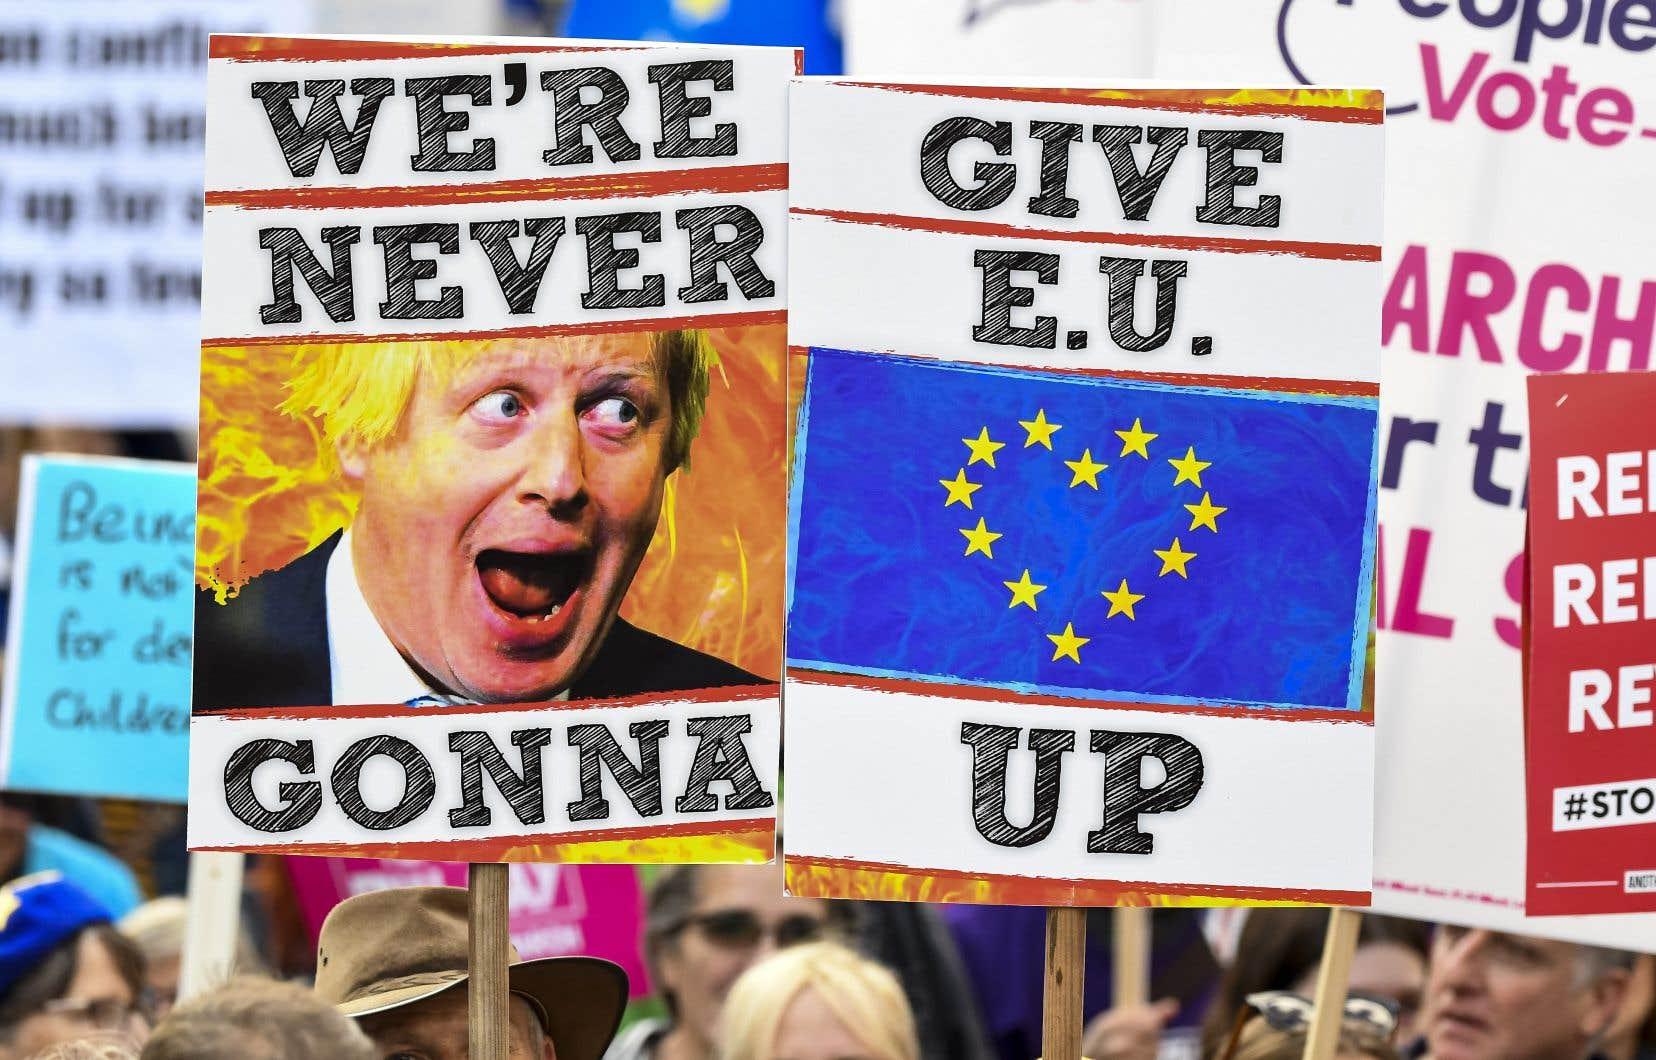 La semaine s'annonce une nouvelle fois très tendue au Parlement, mais aussi dans les rues de Londres, où des centaines de milliers de personnes ont défilé samedi, demandant un référendum sur le Brexit.